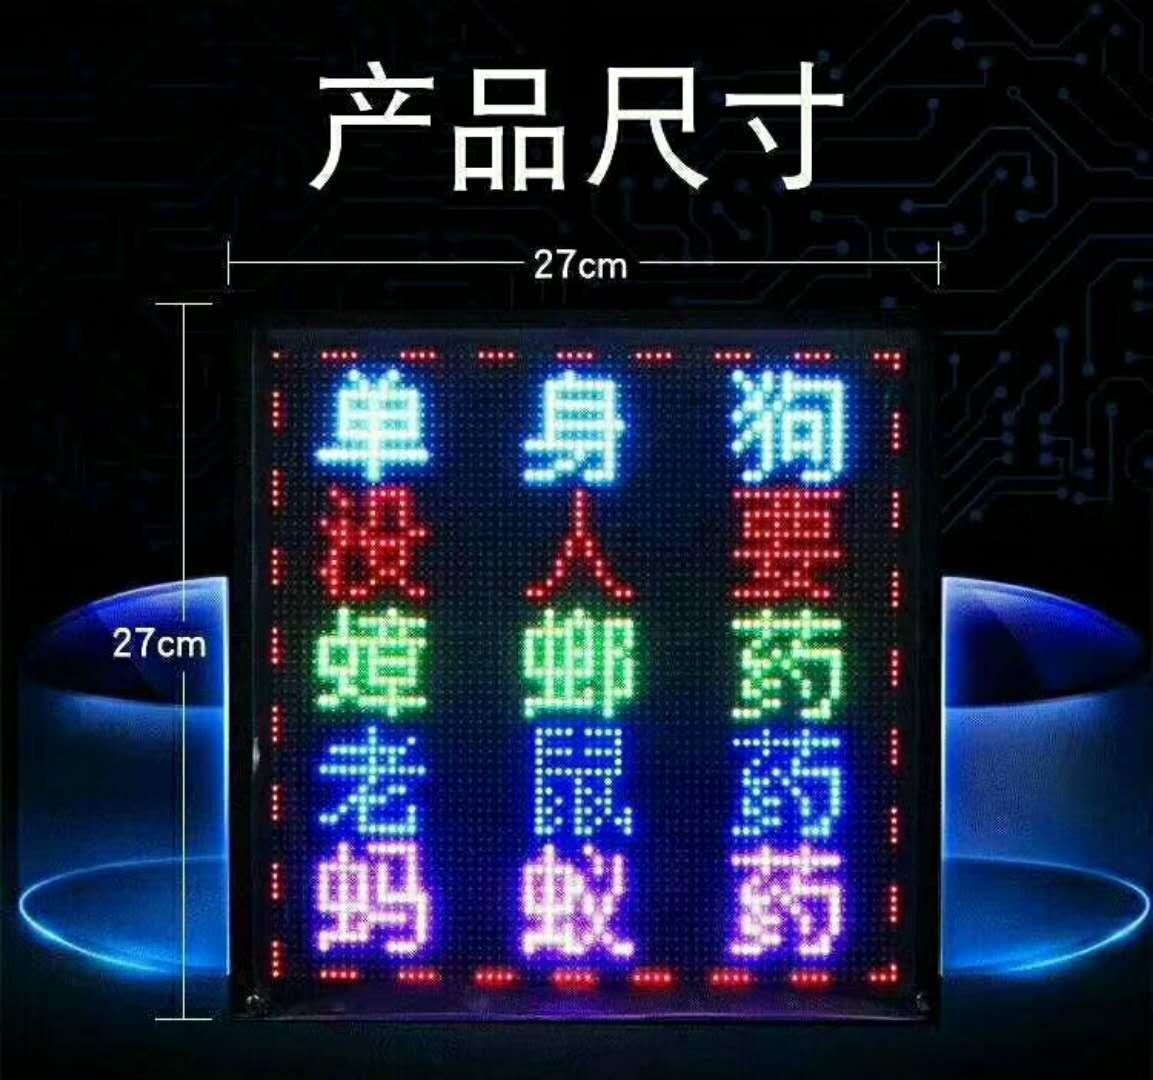 全彩LED马甲屏微信传输移动行走LED显示屏(图)